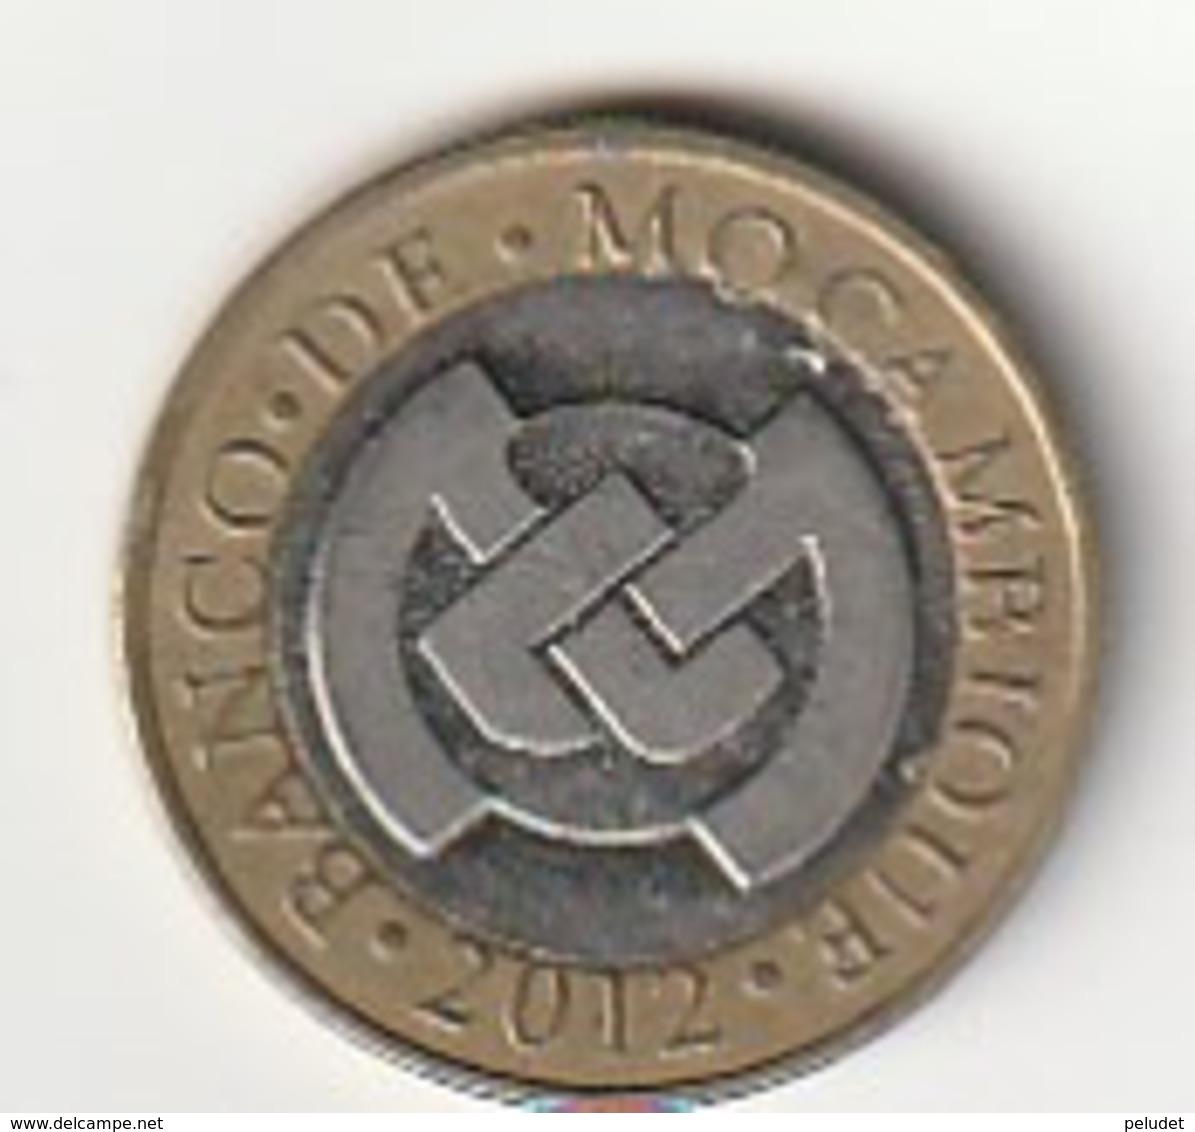 Mozambique - 10 METICAIS Metical - 2012 - KM# 140 - Mozambique